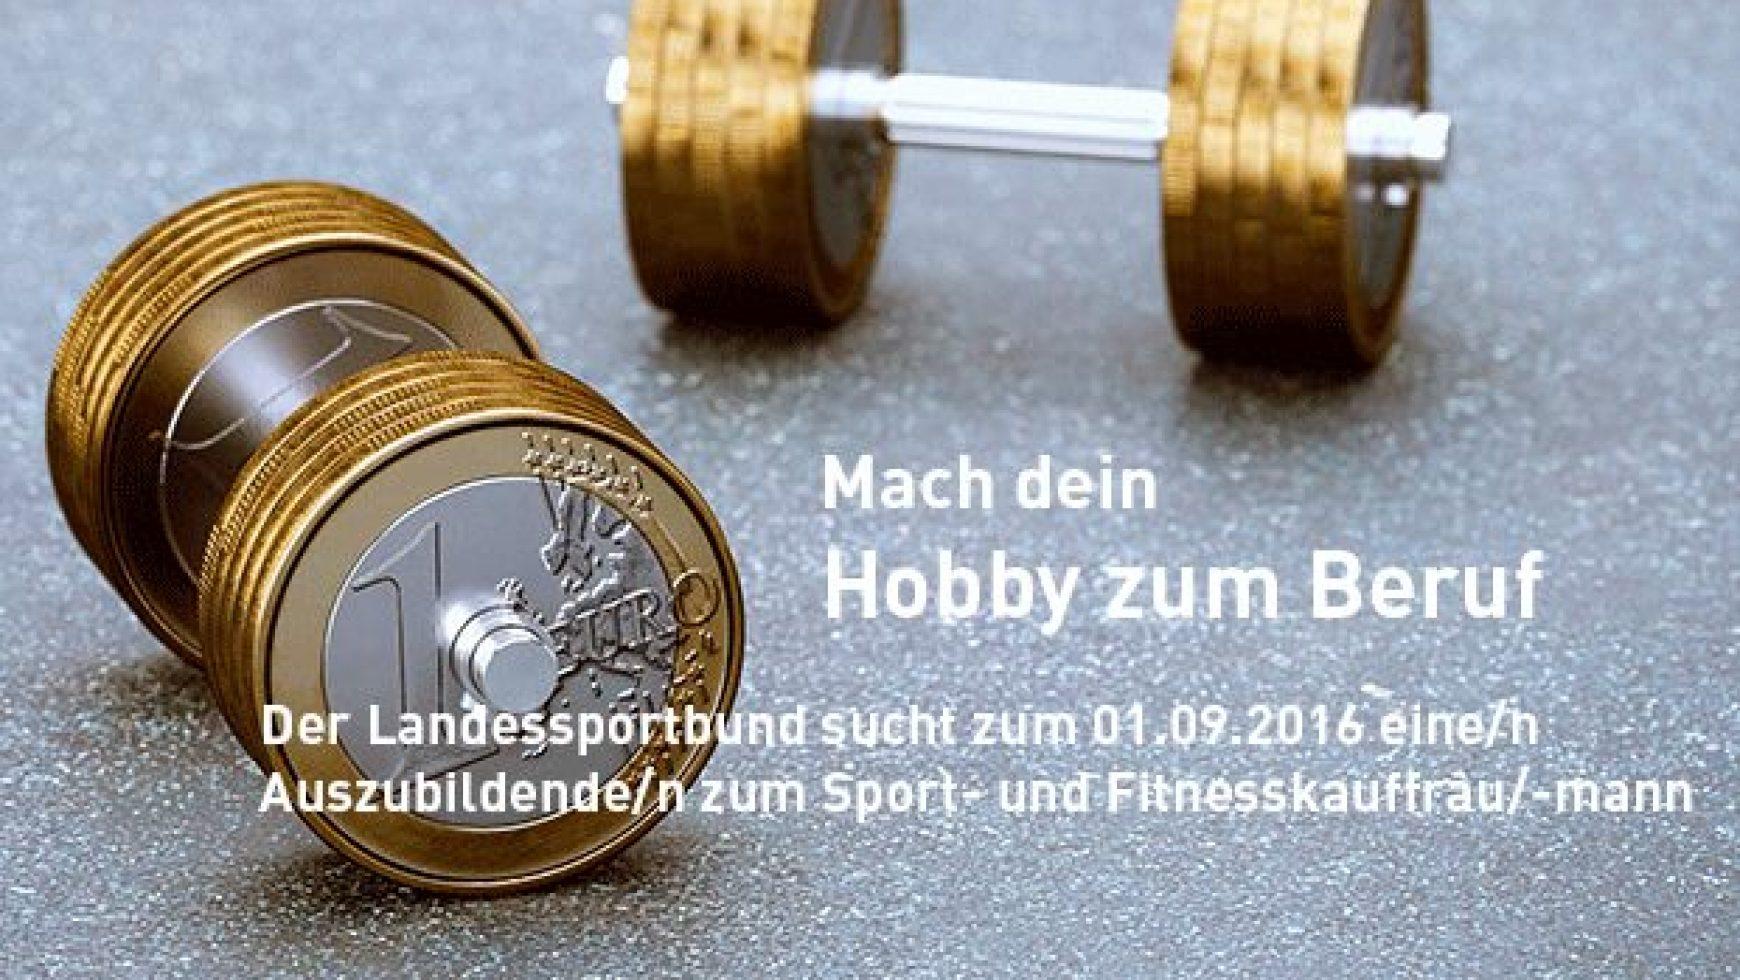 Auszubildende von LSB Rheinland-Pfalz gesucht